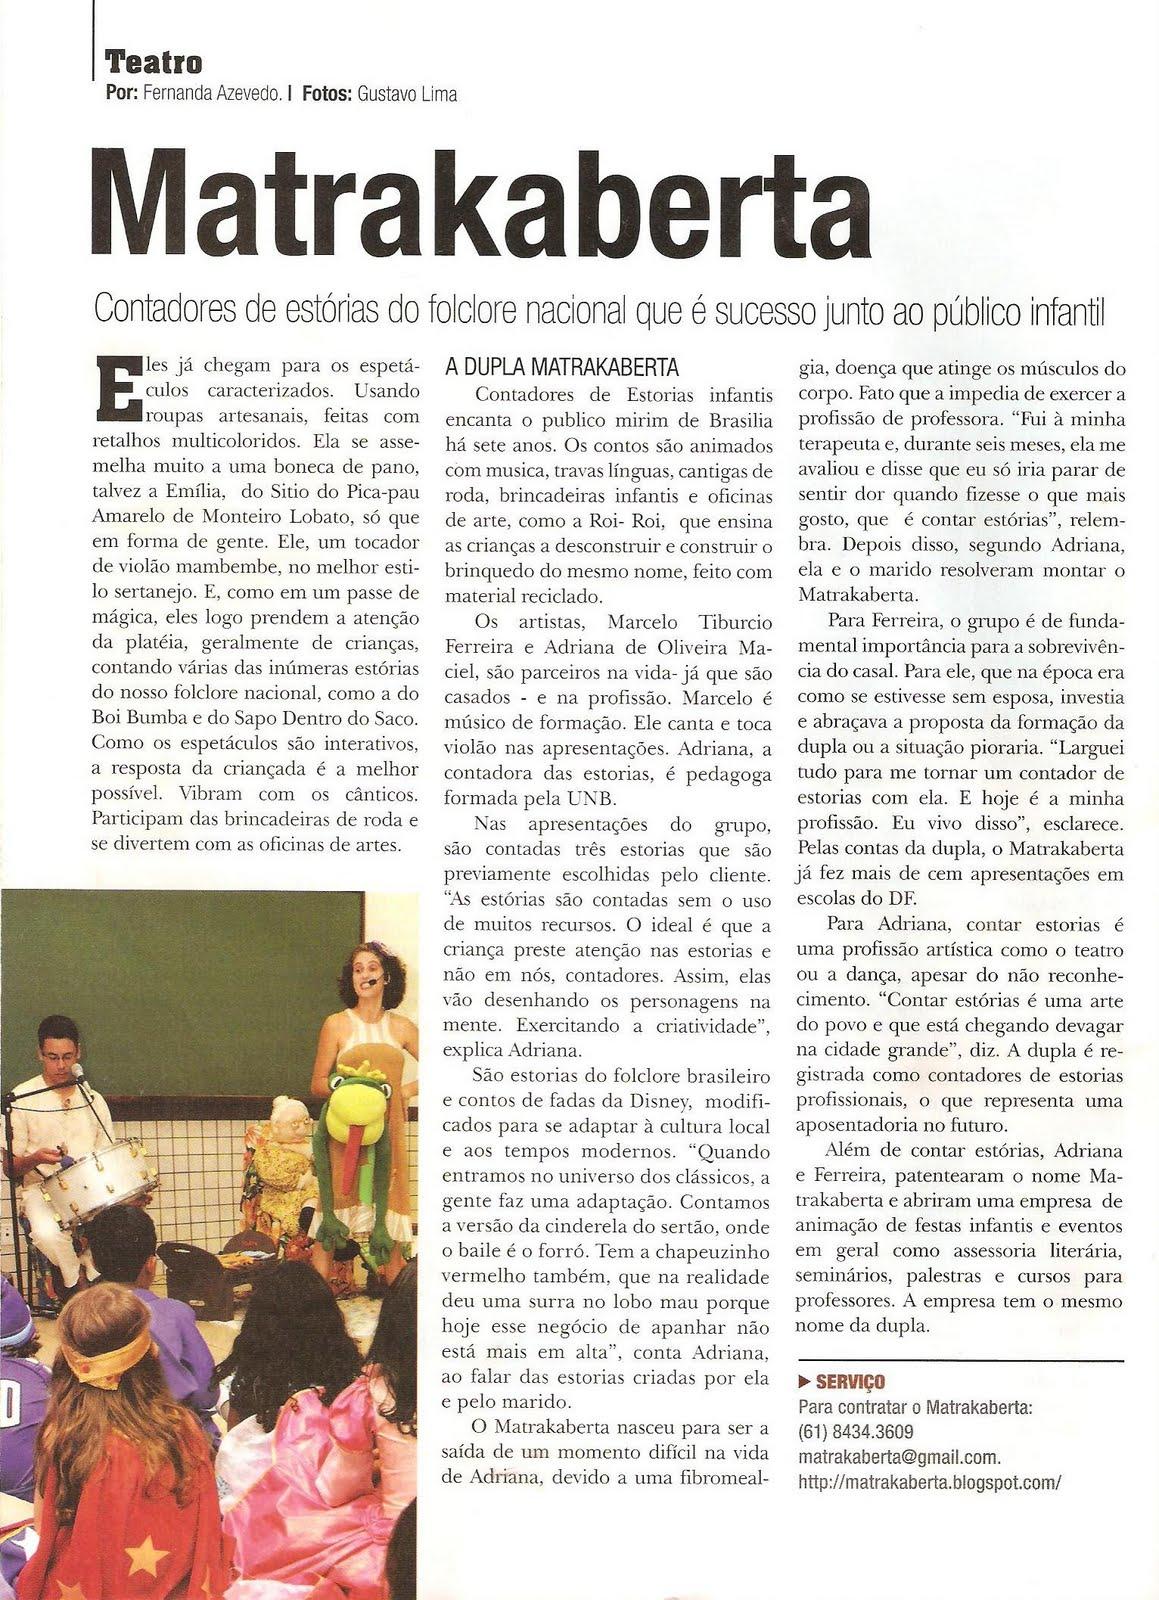 Reportagem da revista